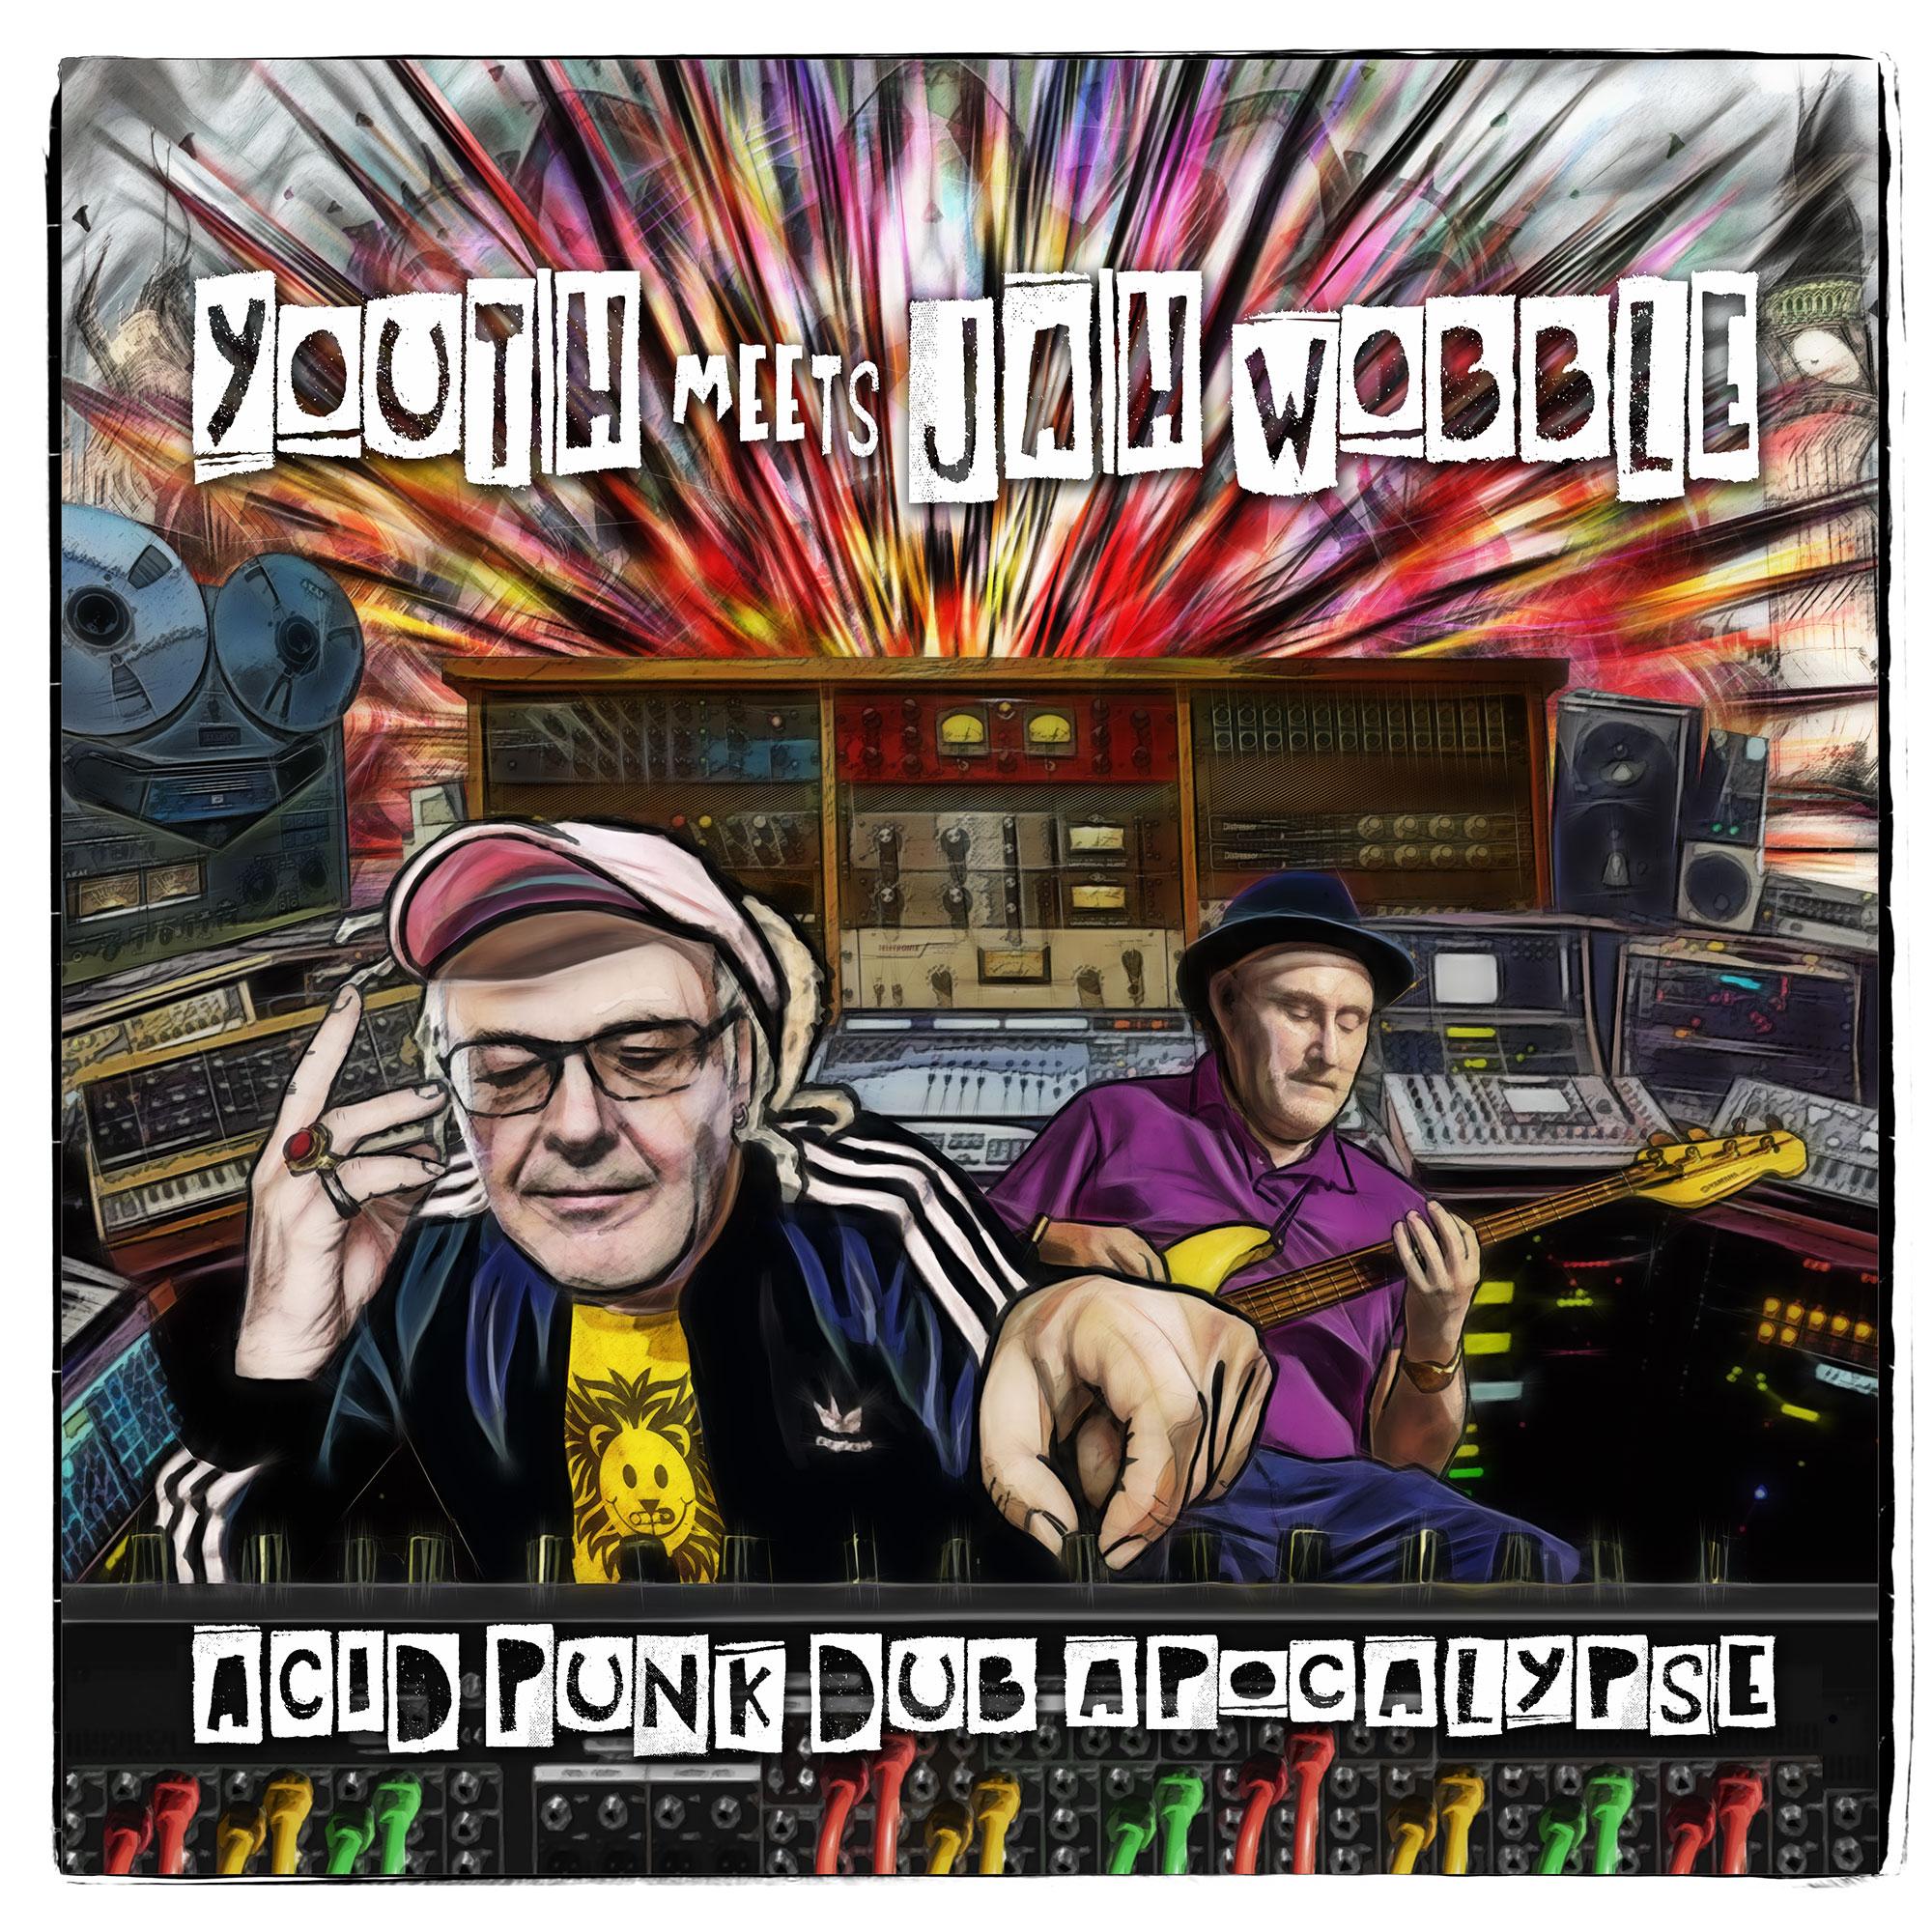 ACID-PUNK-DUB - Album Artwork